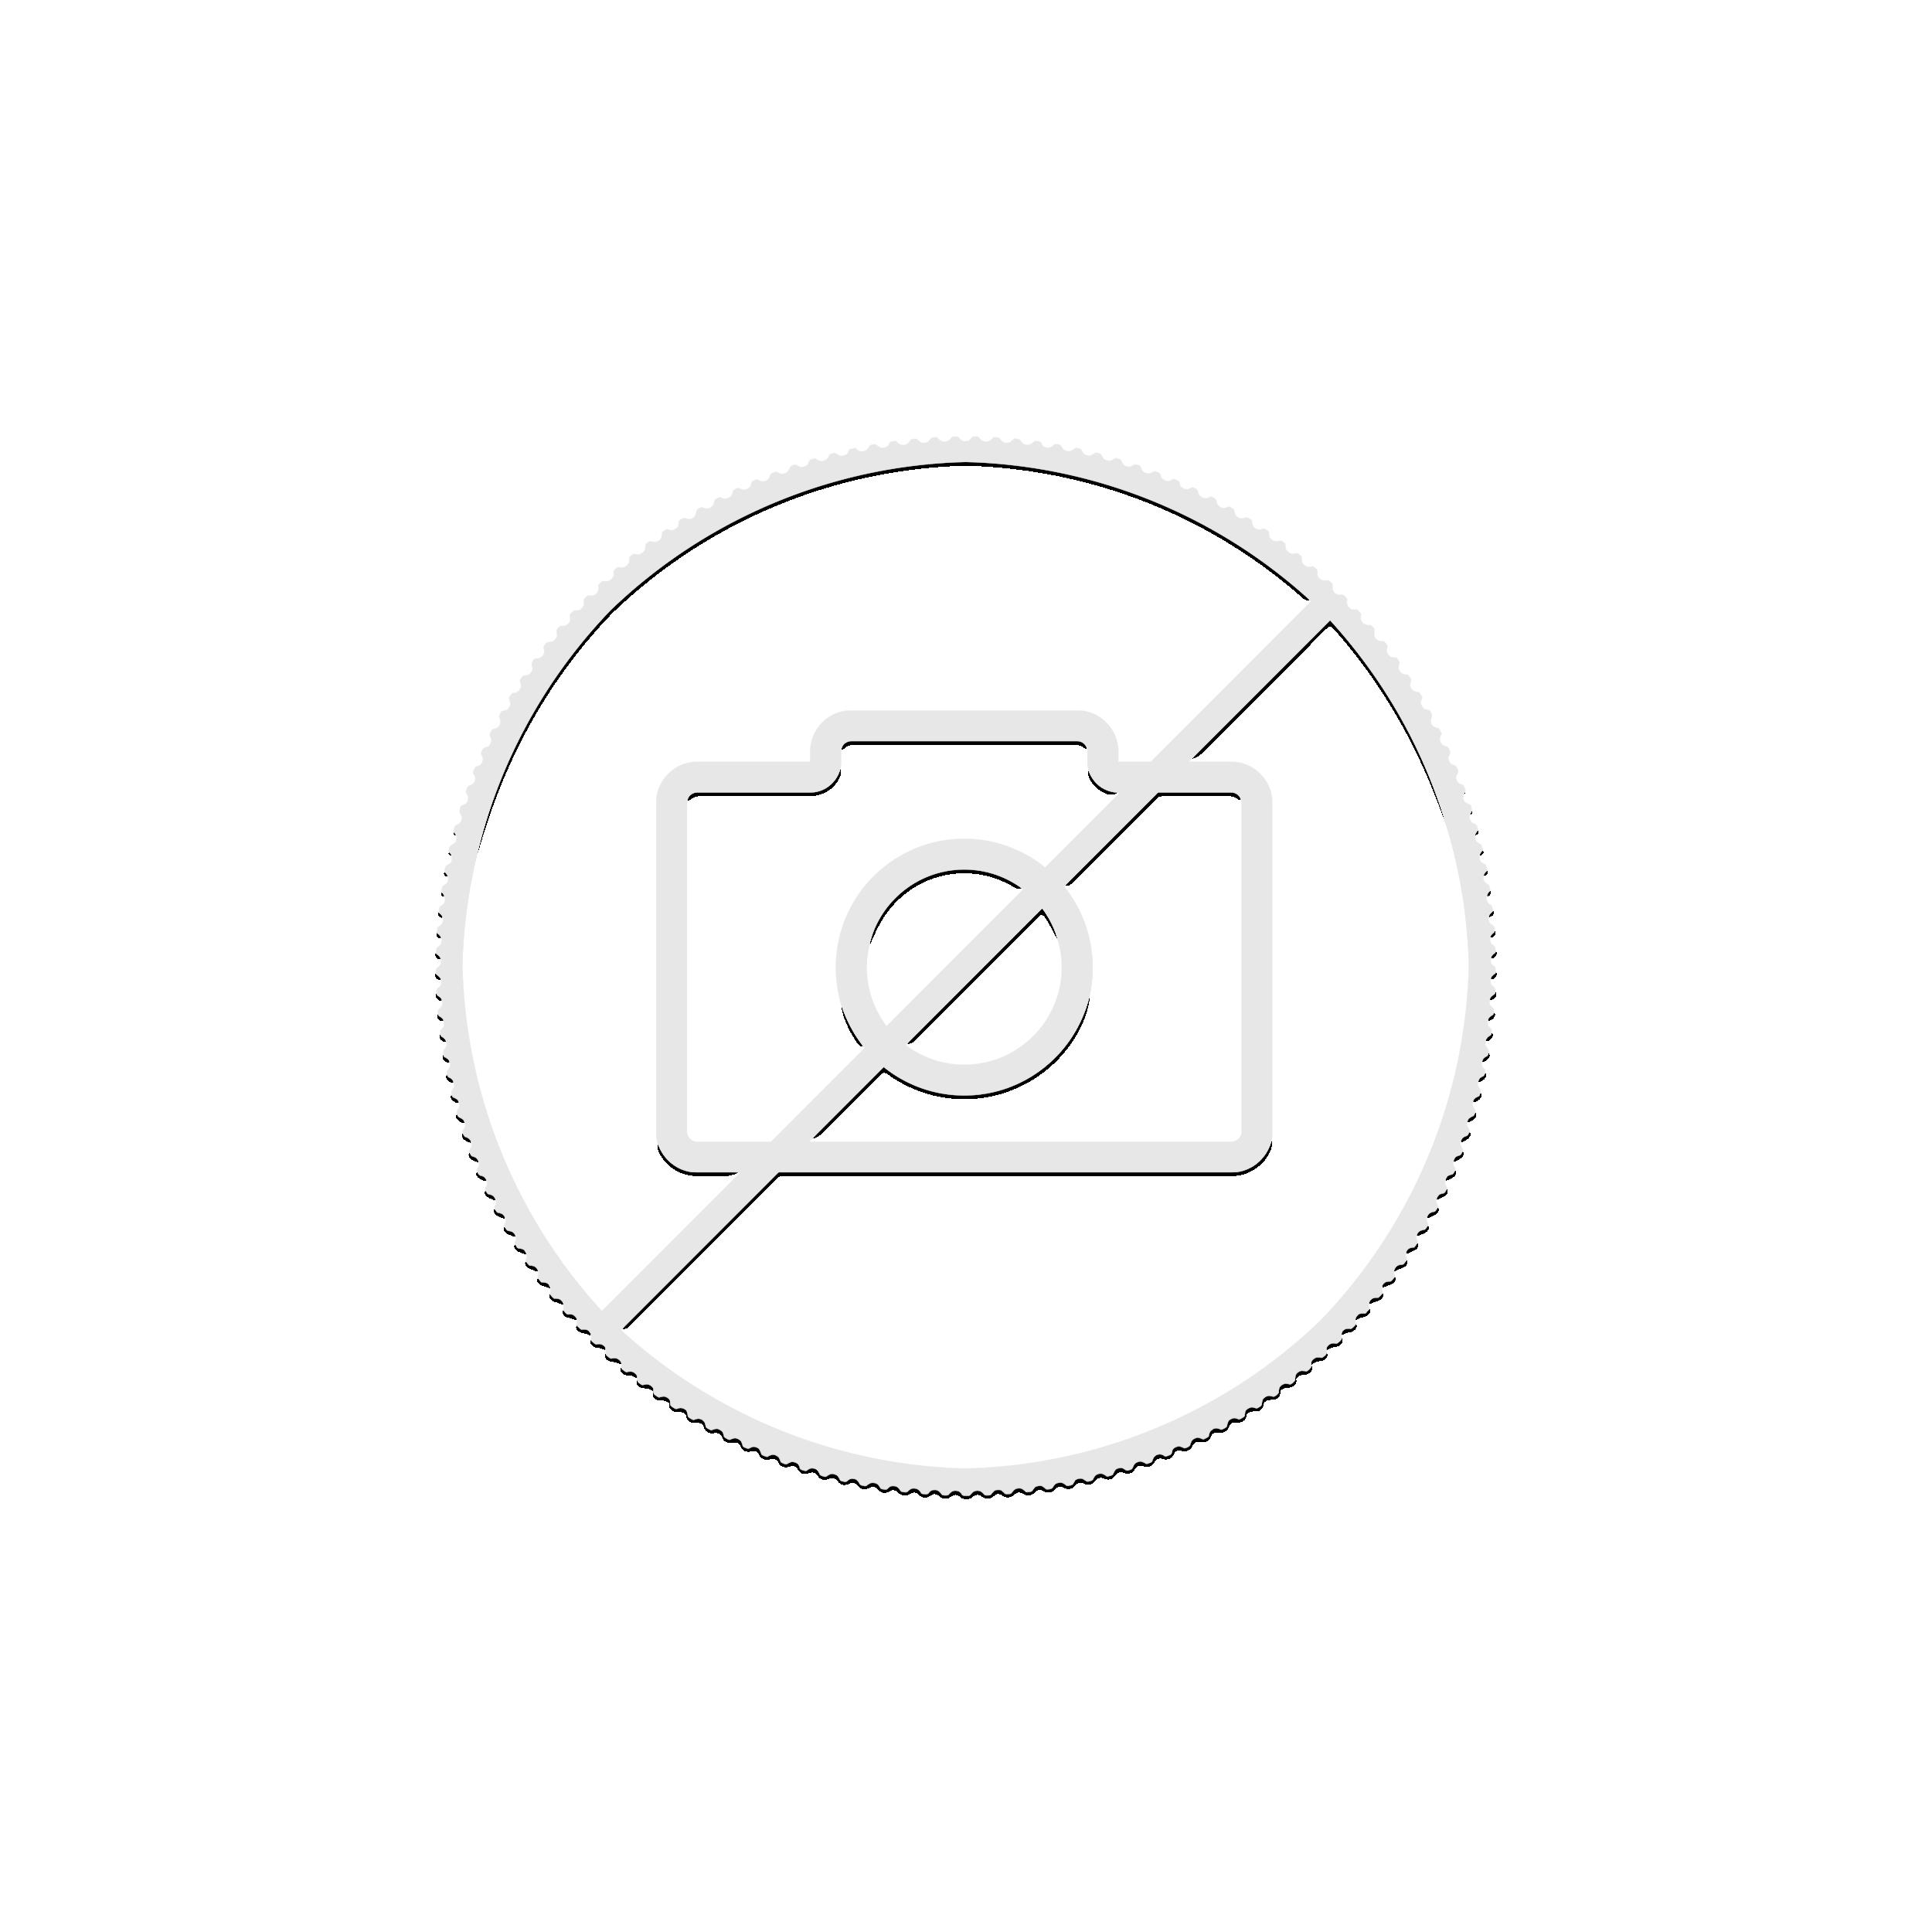 1 Troy ounce silver coin Kookaburra 2020